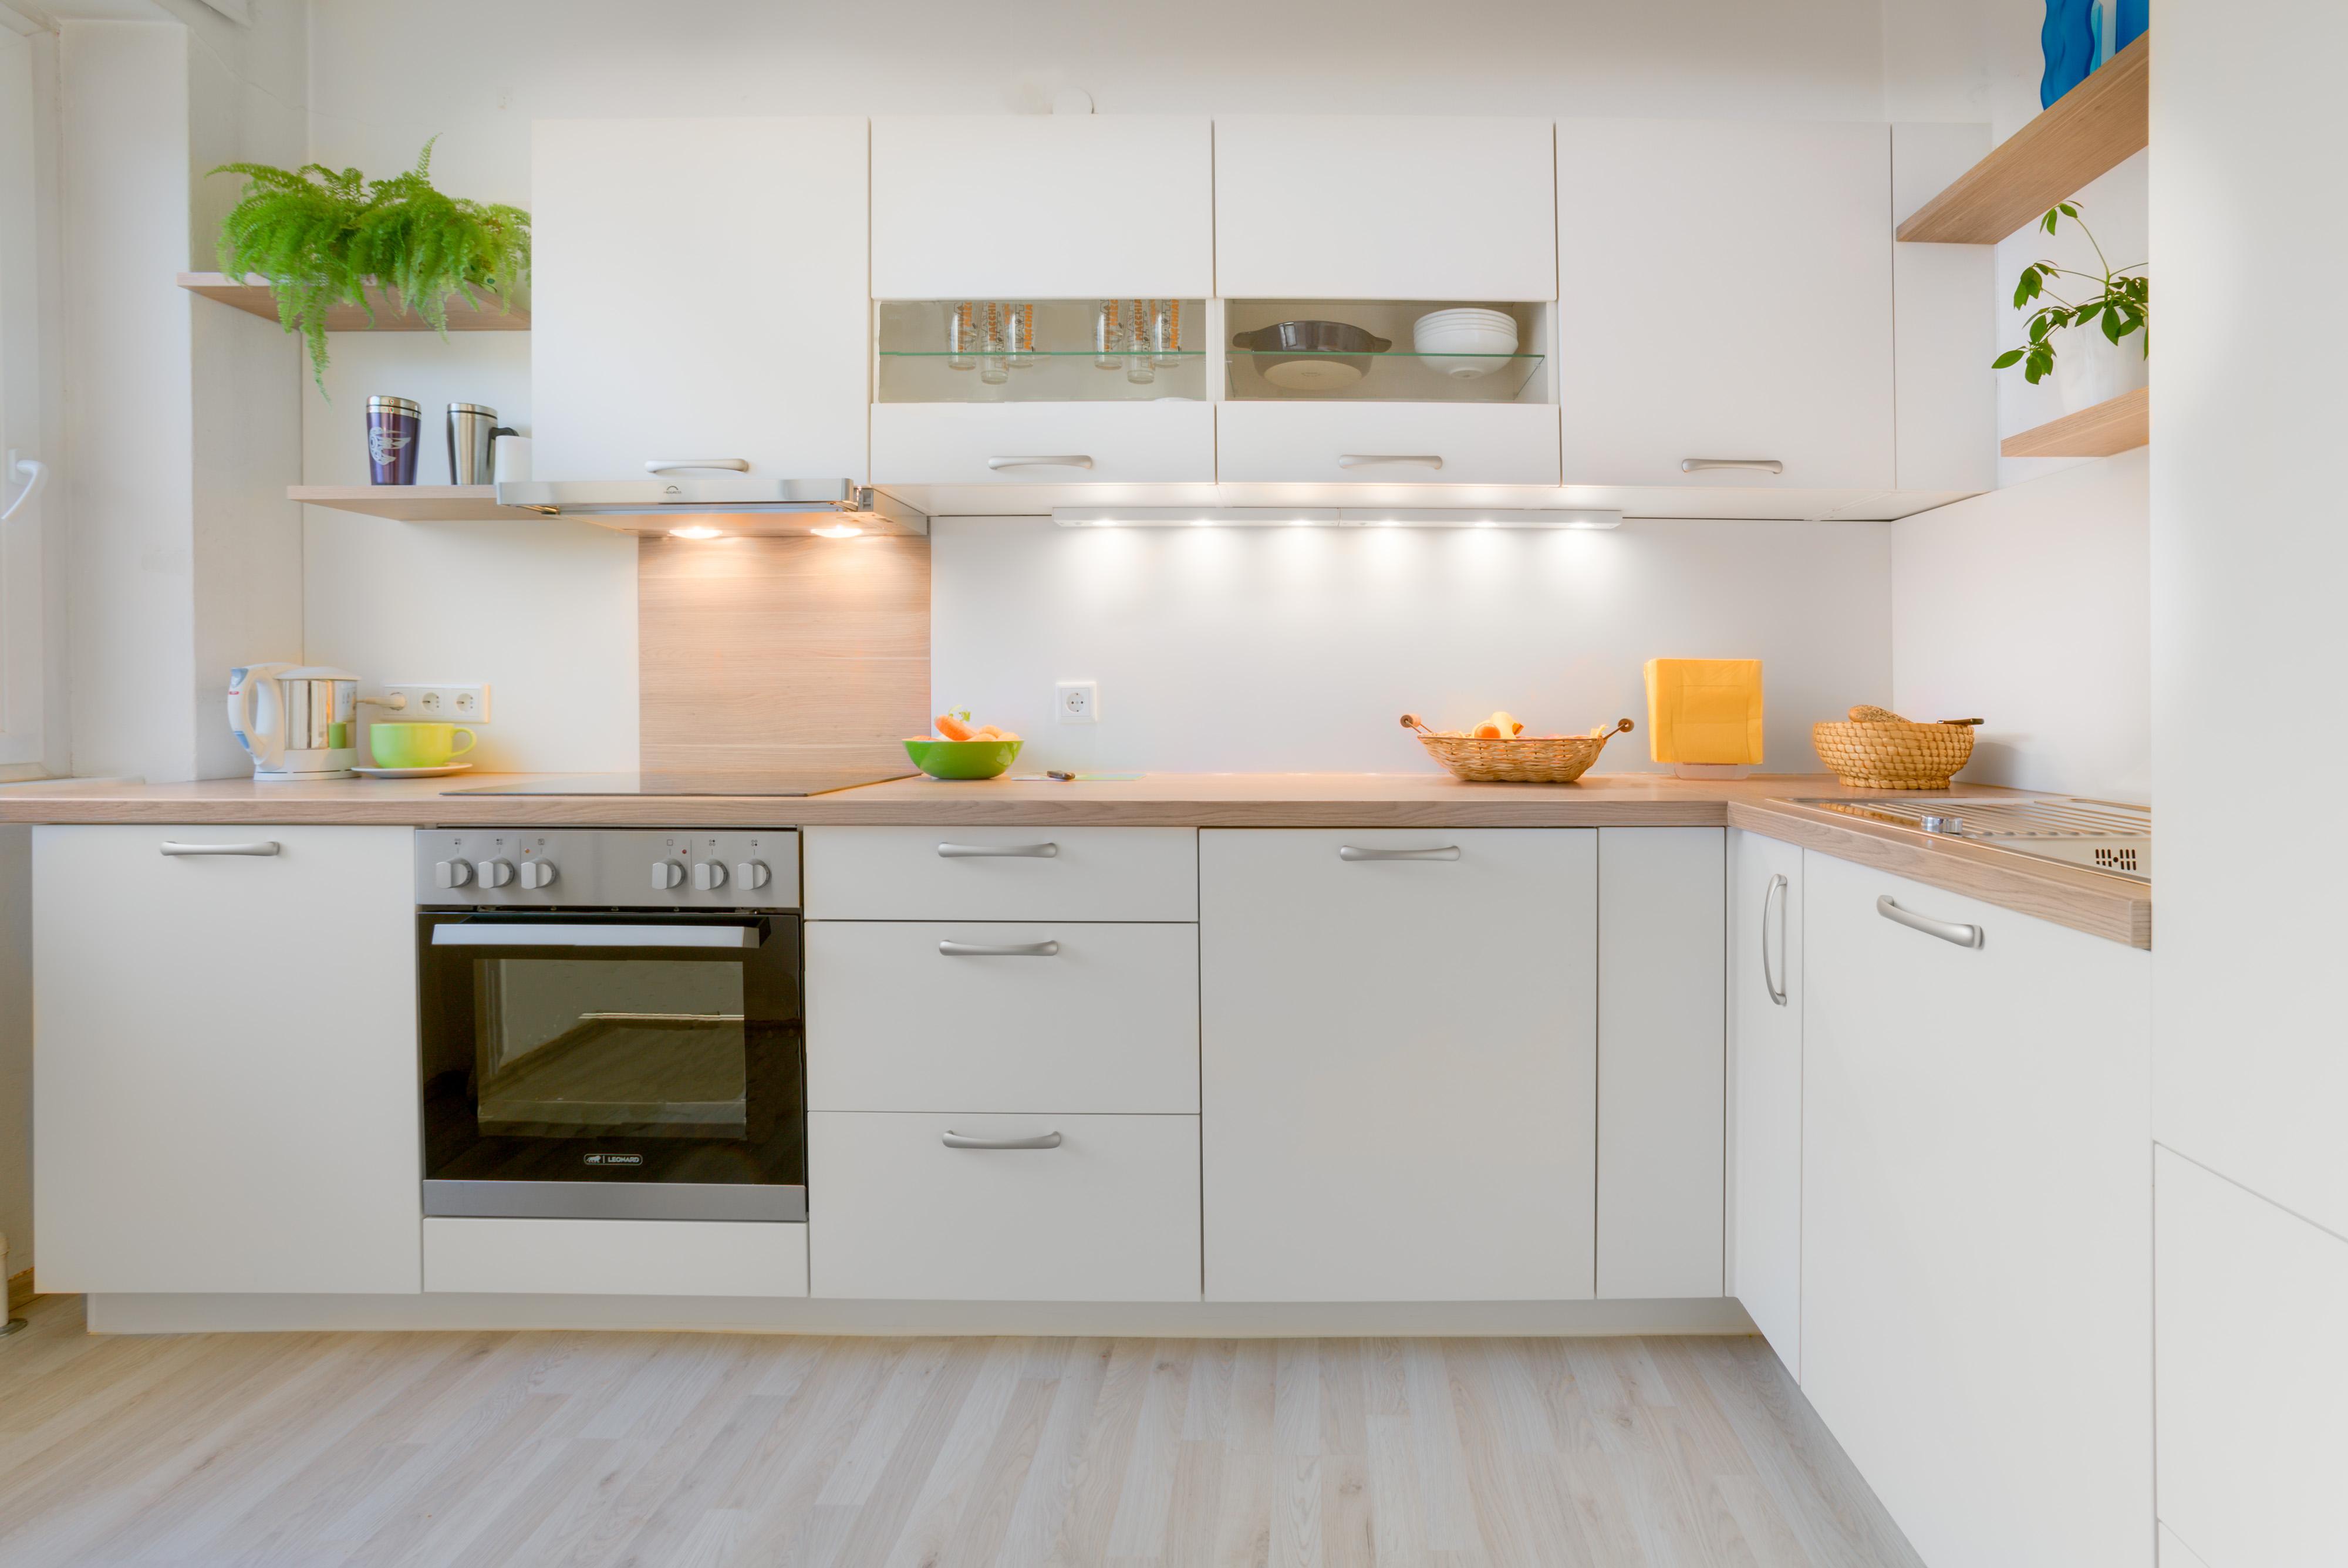 Küchengeschichte und Kitchenstory vom Küchenstudio Salzburg ...